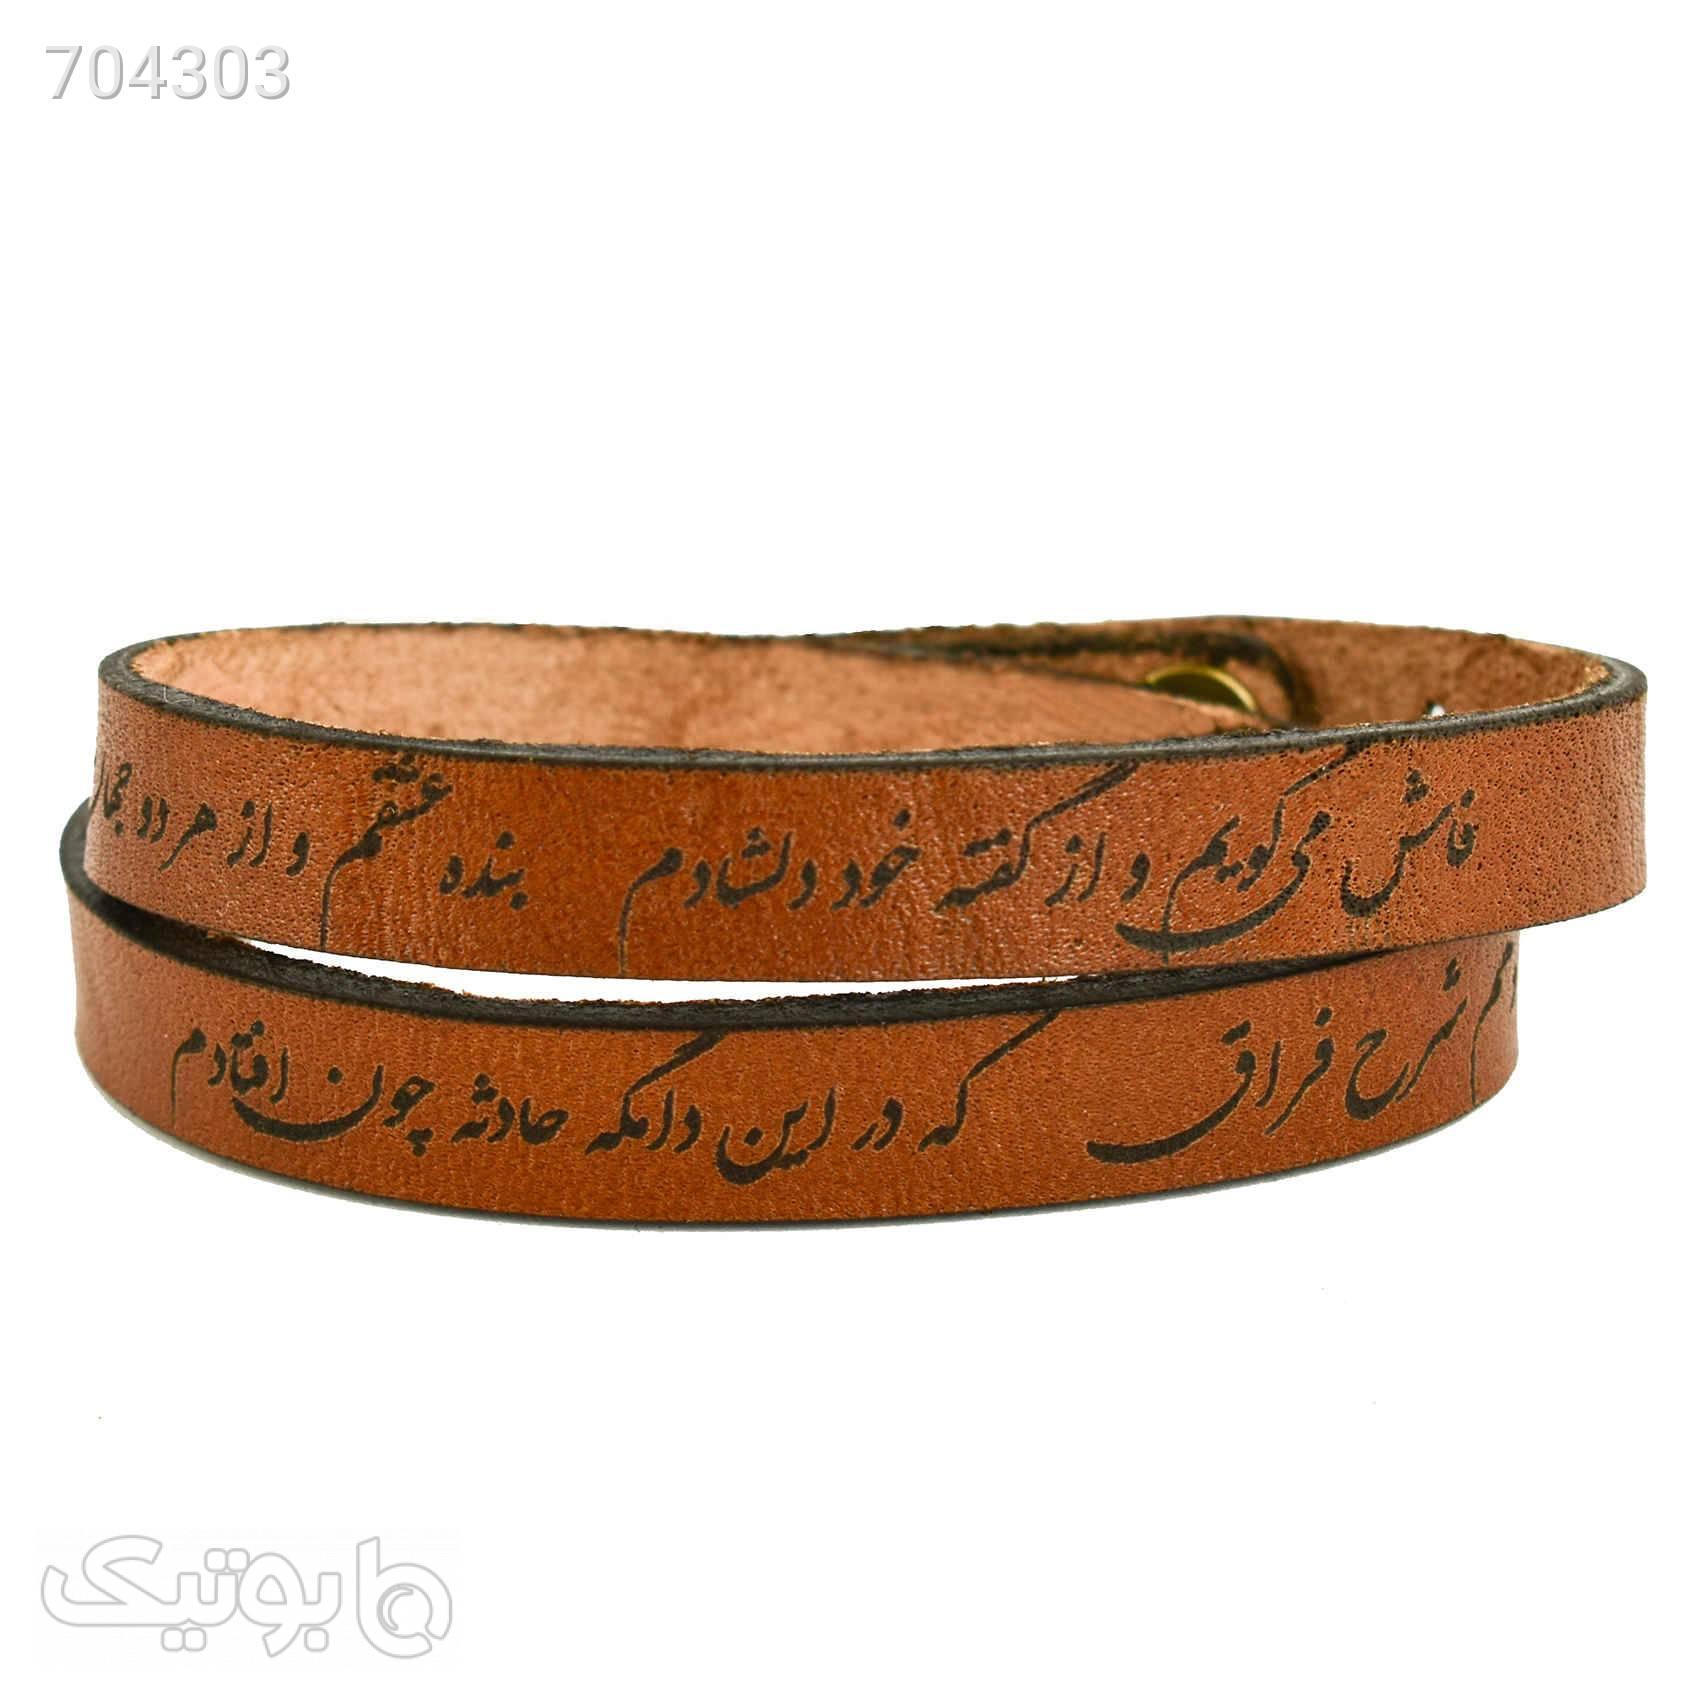 دستبند بلوط لدر طرح بنده عشق قهوه ای دستبند و پابند